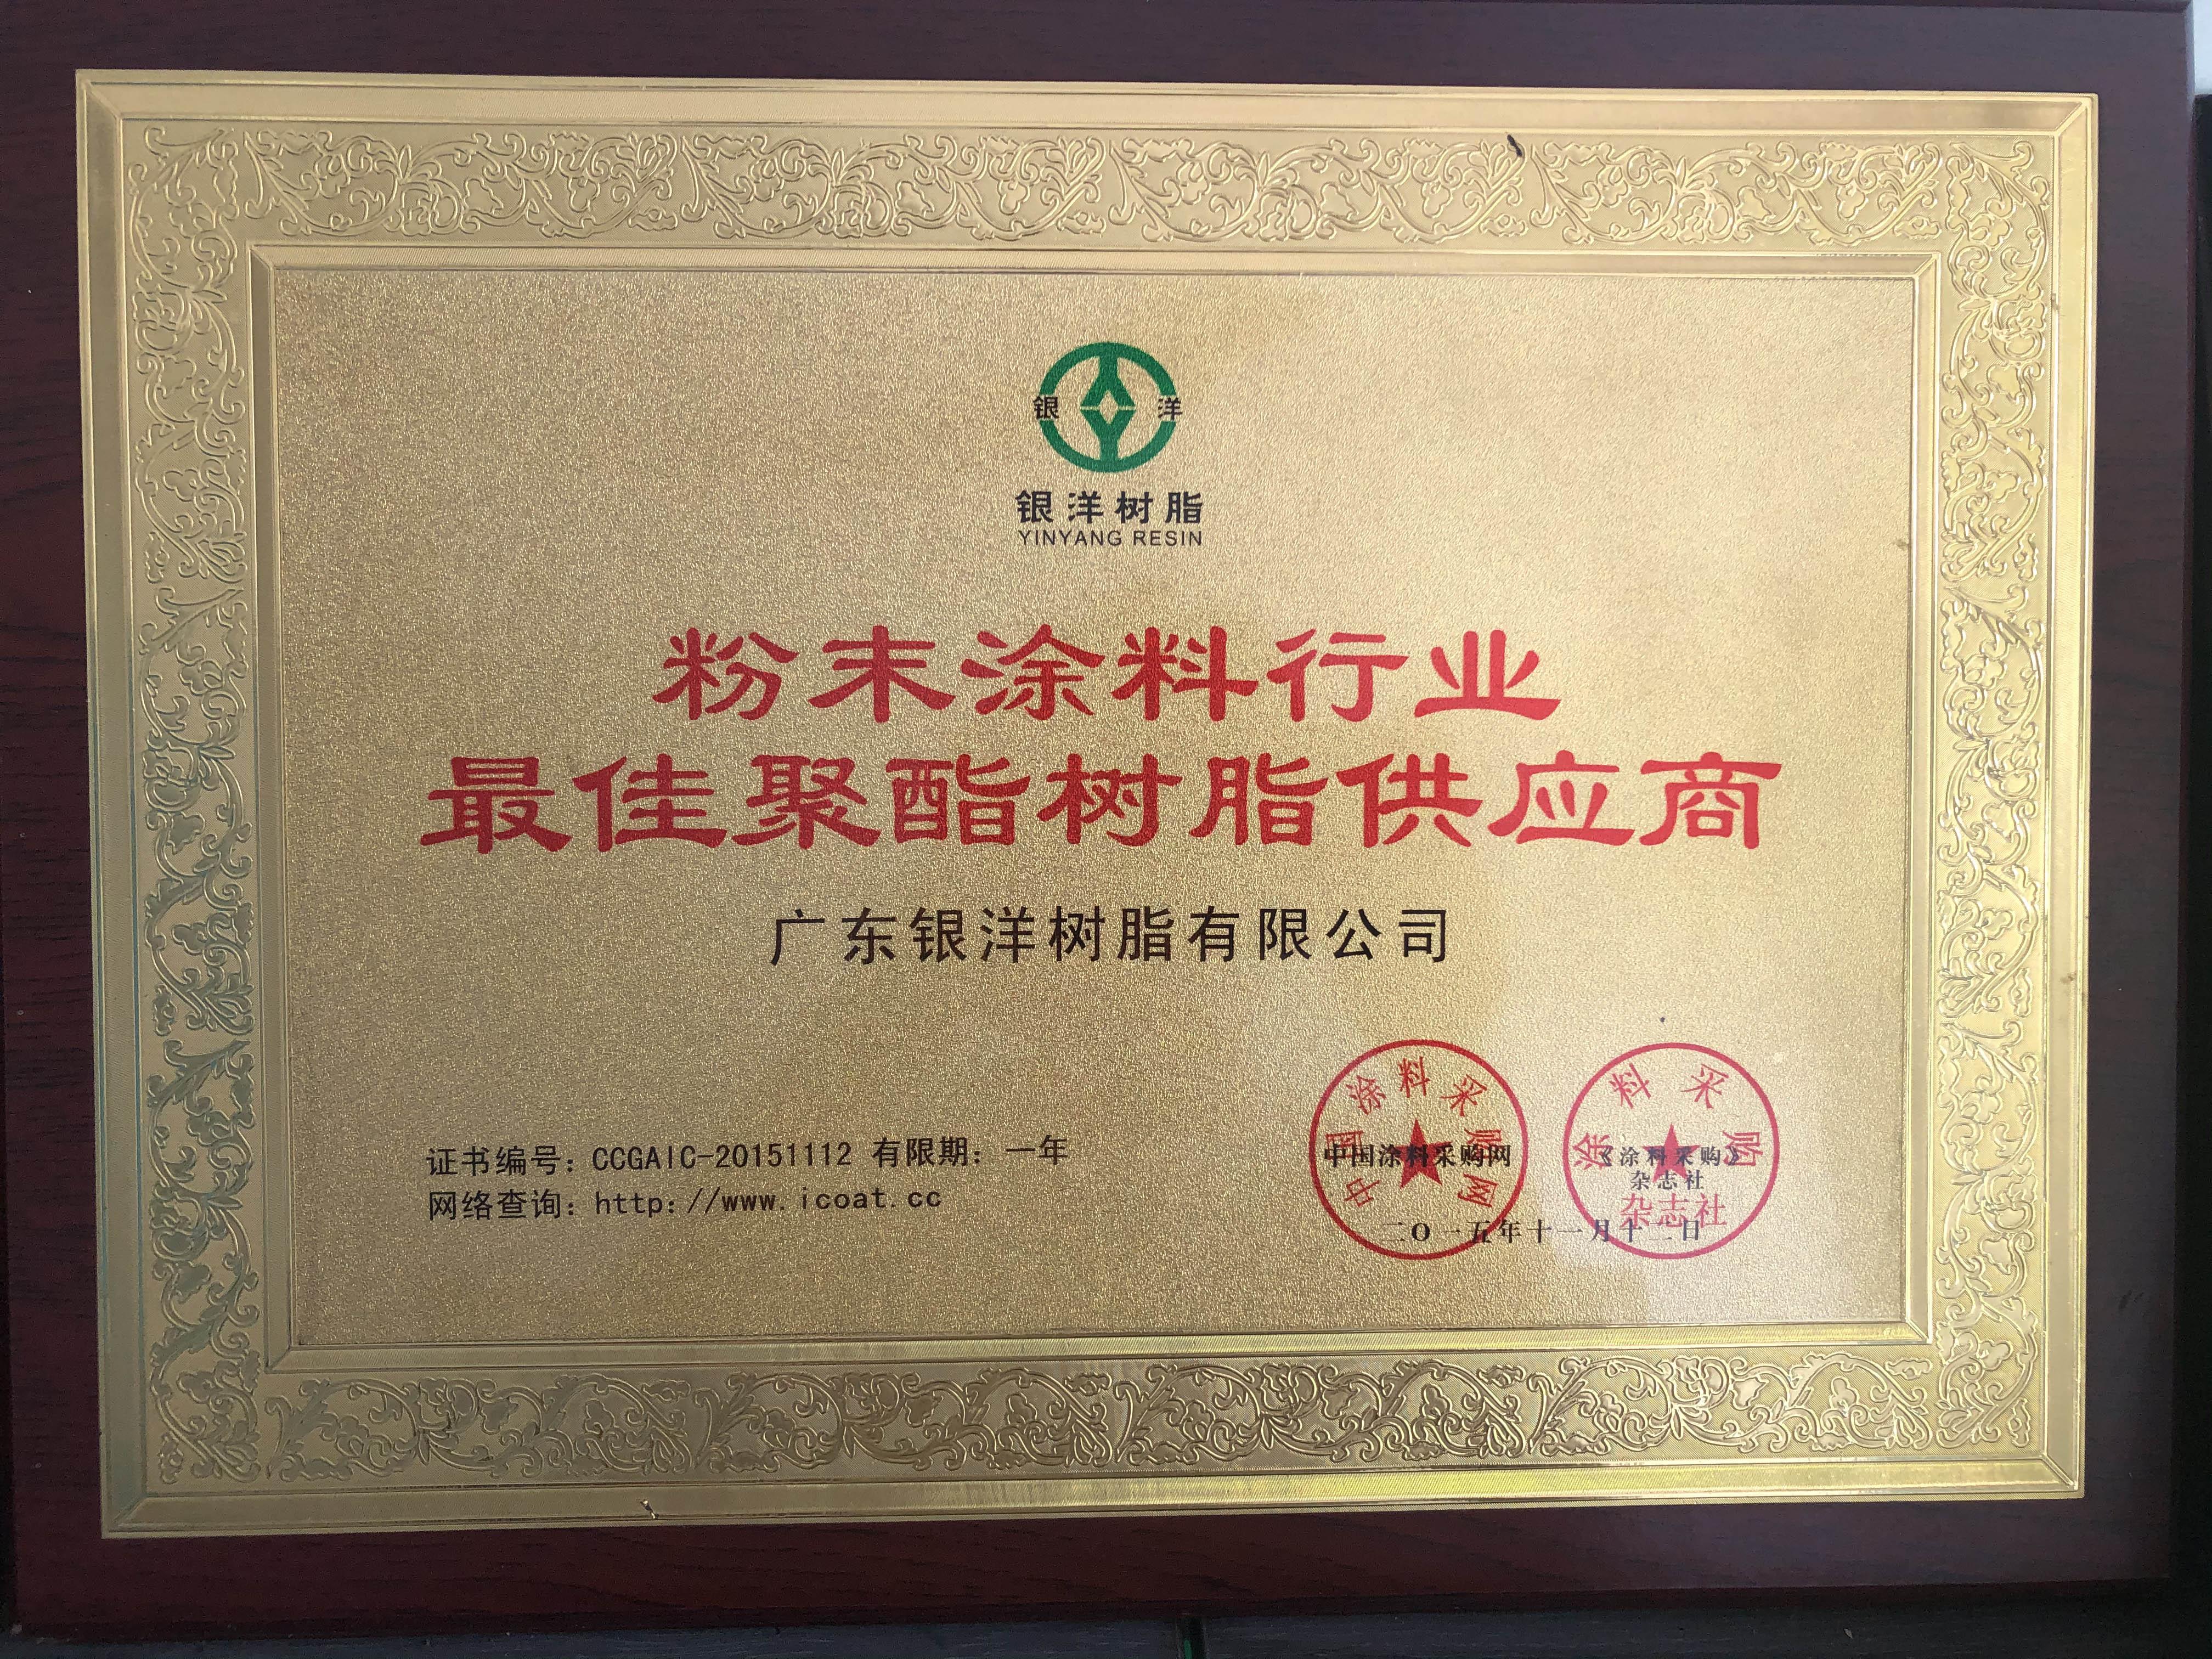 粉末涂料行业最佳聚酯树脂供应商